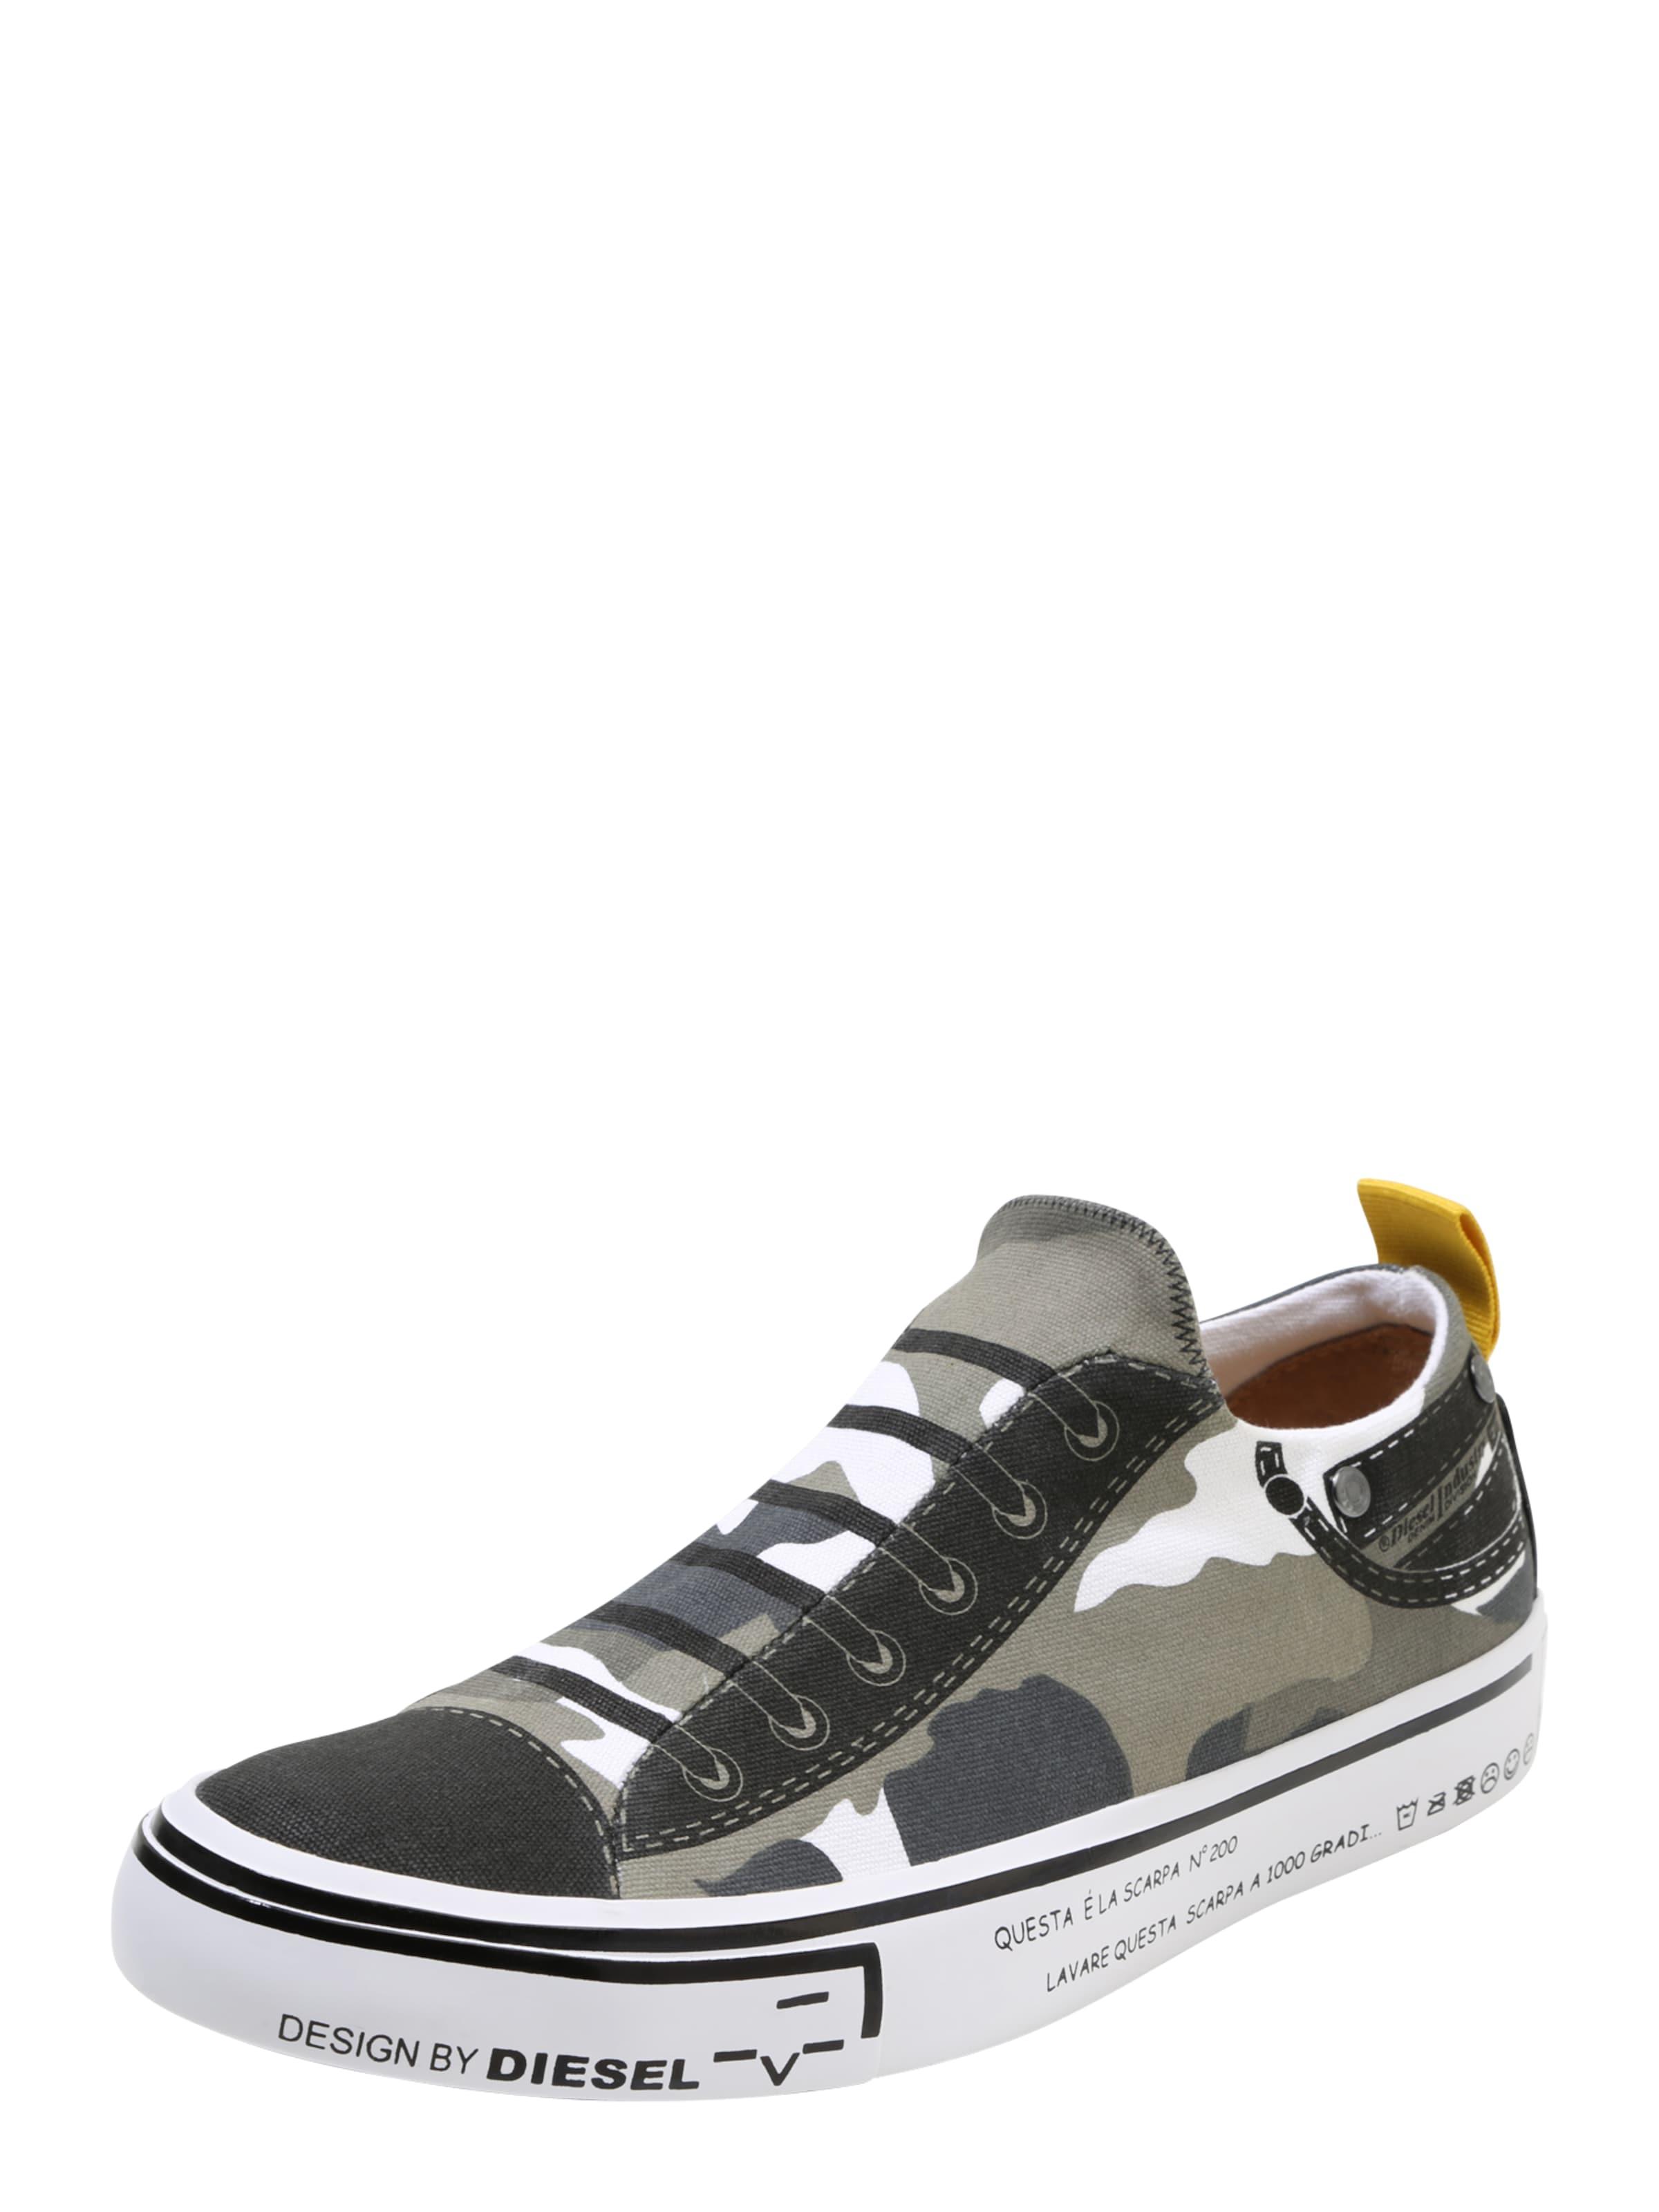 DIESEL Sneaker Sneaker DIESEL 'IMAGINEE' 'IMAGINEE' pqXrPwpU